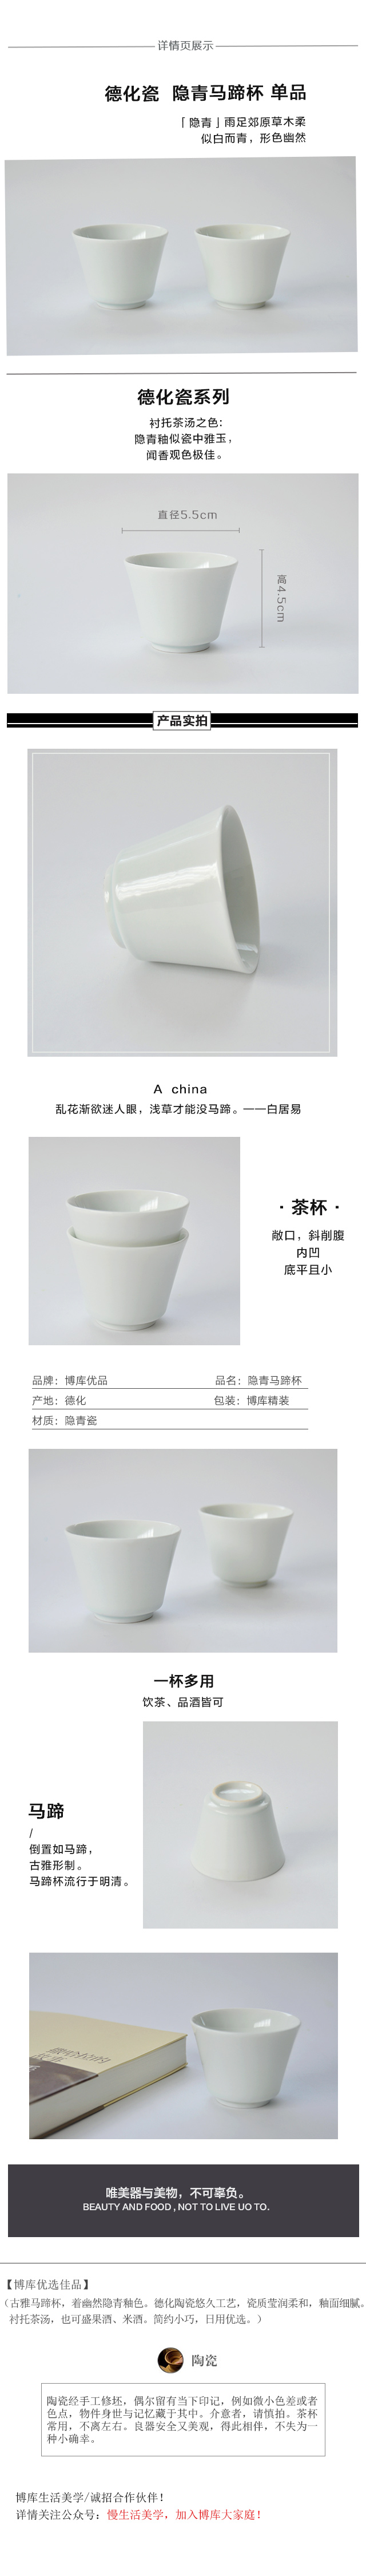 20170518悠斋-马蹄杯.jpg